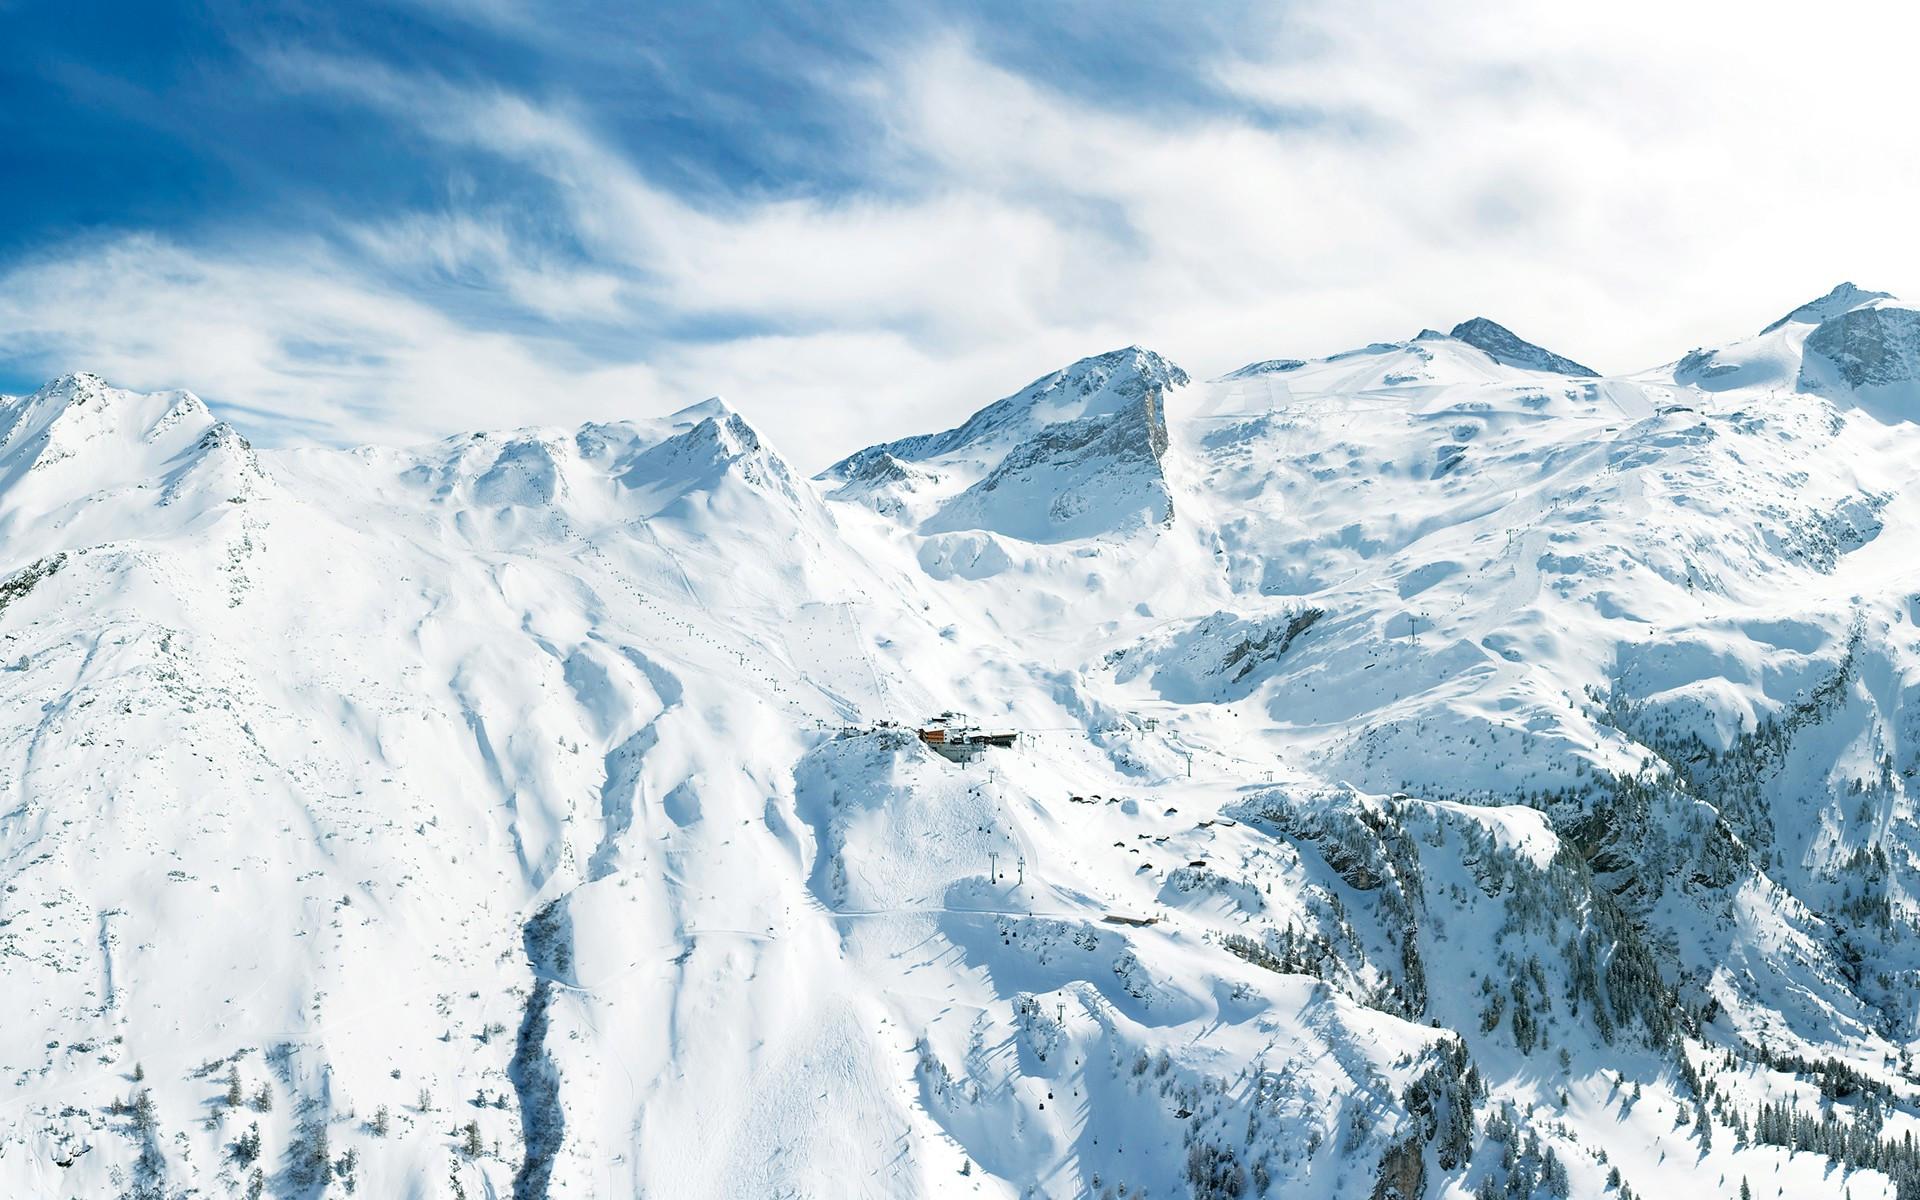 горы высота снег  № 385121 бесплатно